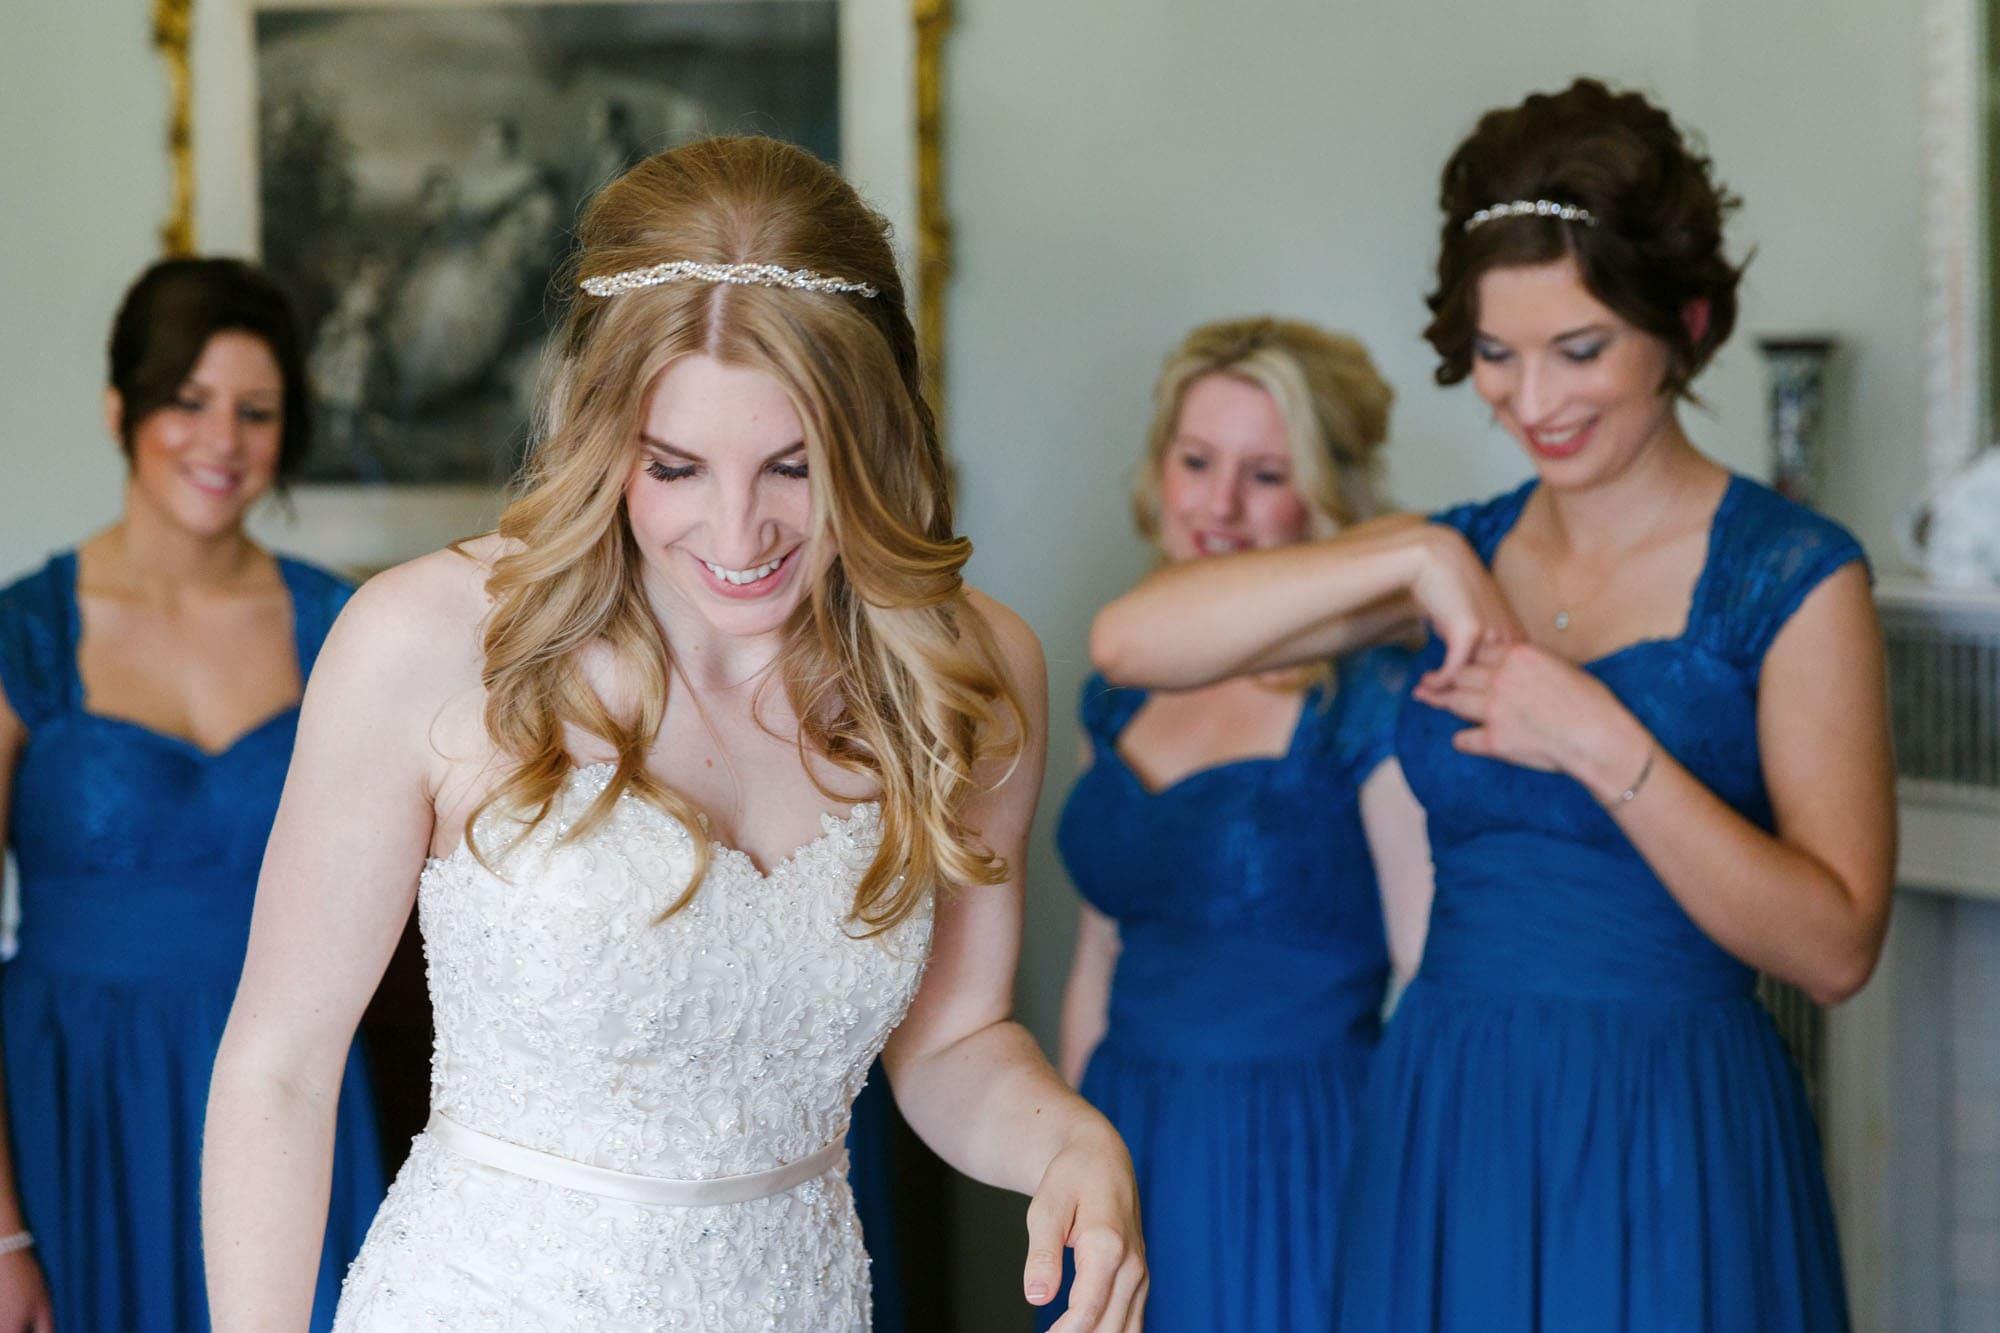 Somerleyton Hall wedding photographer